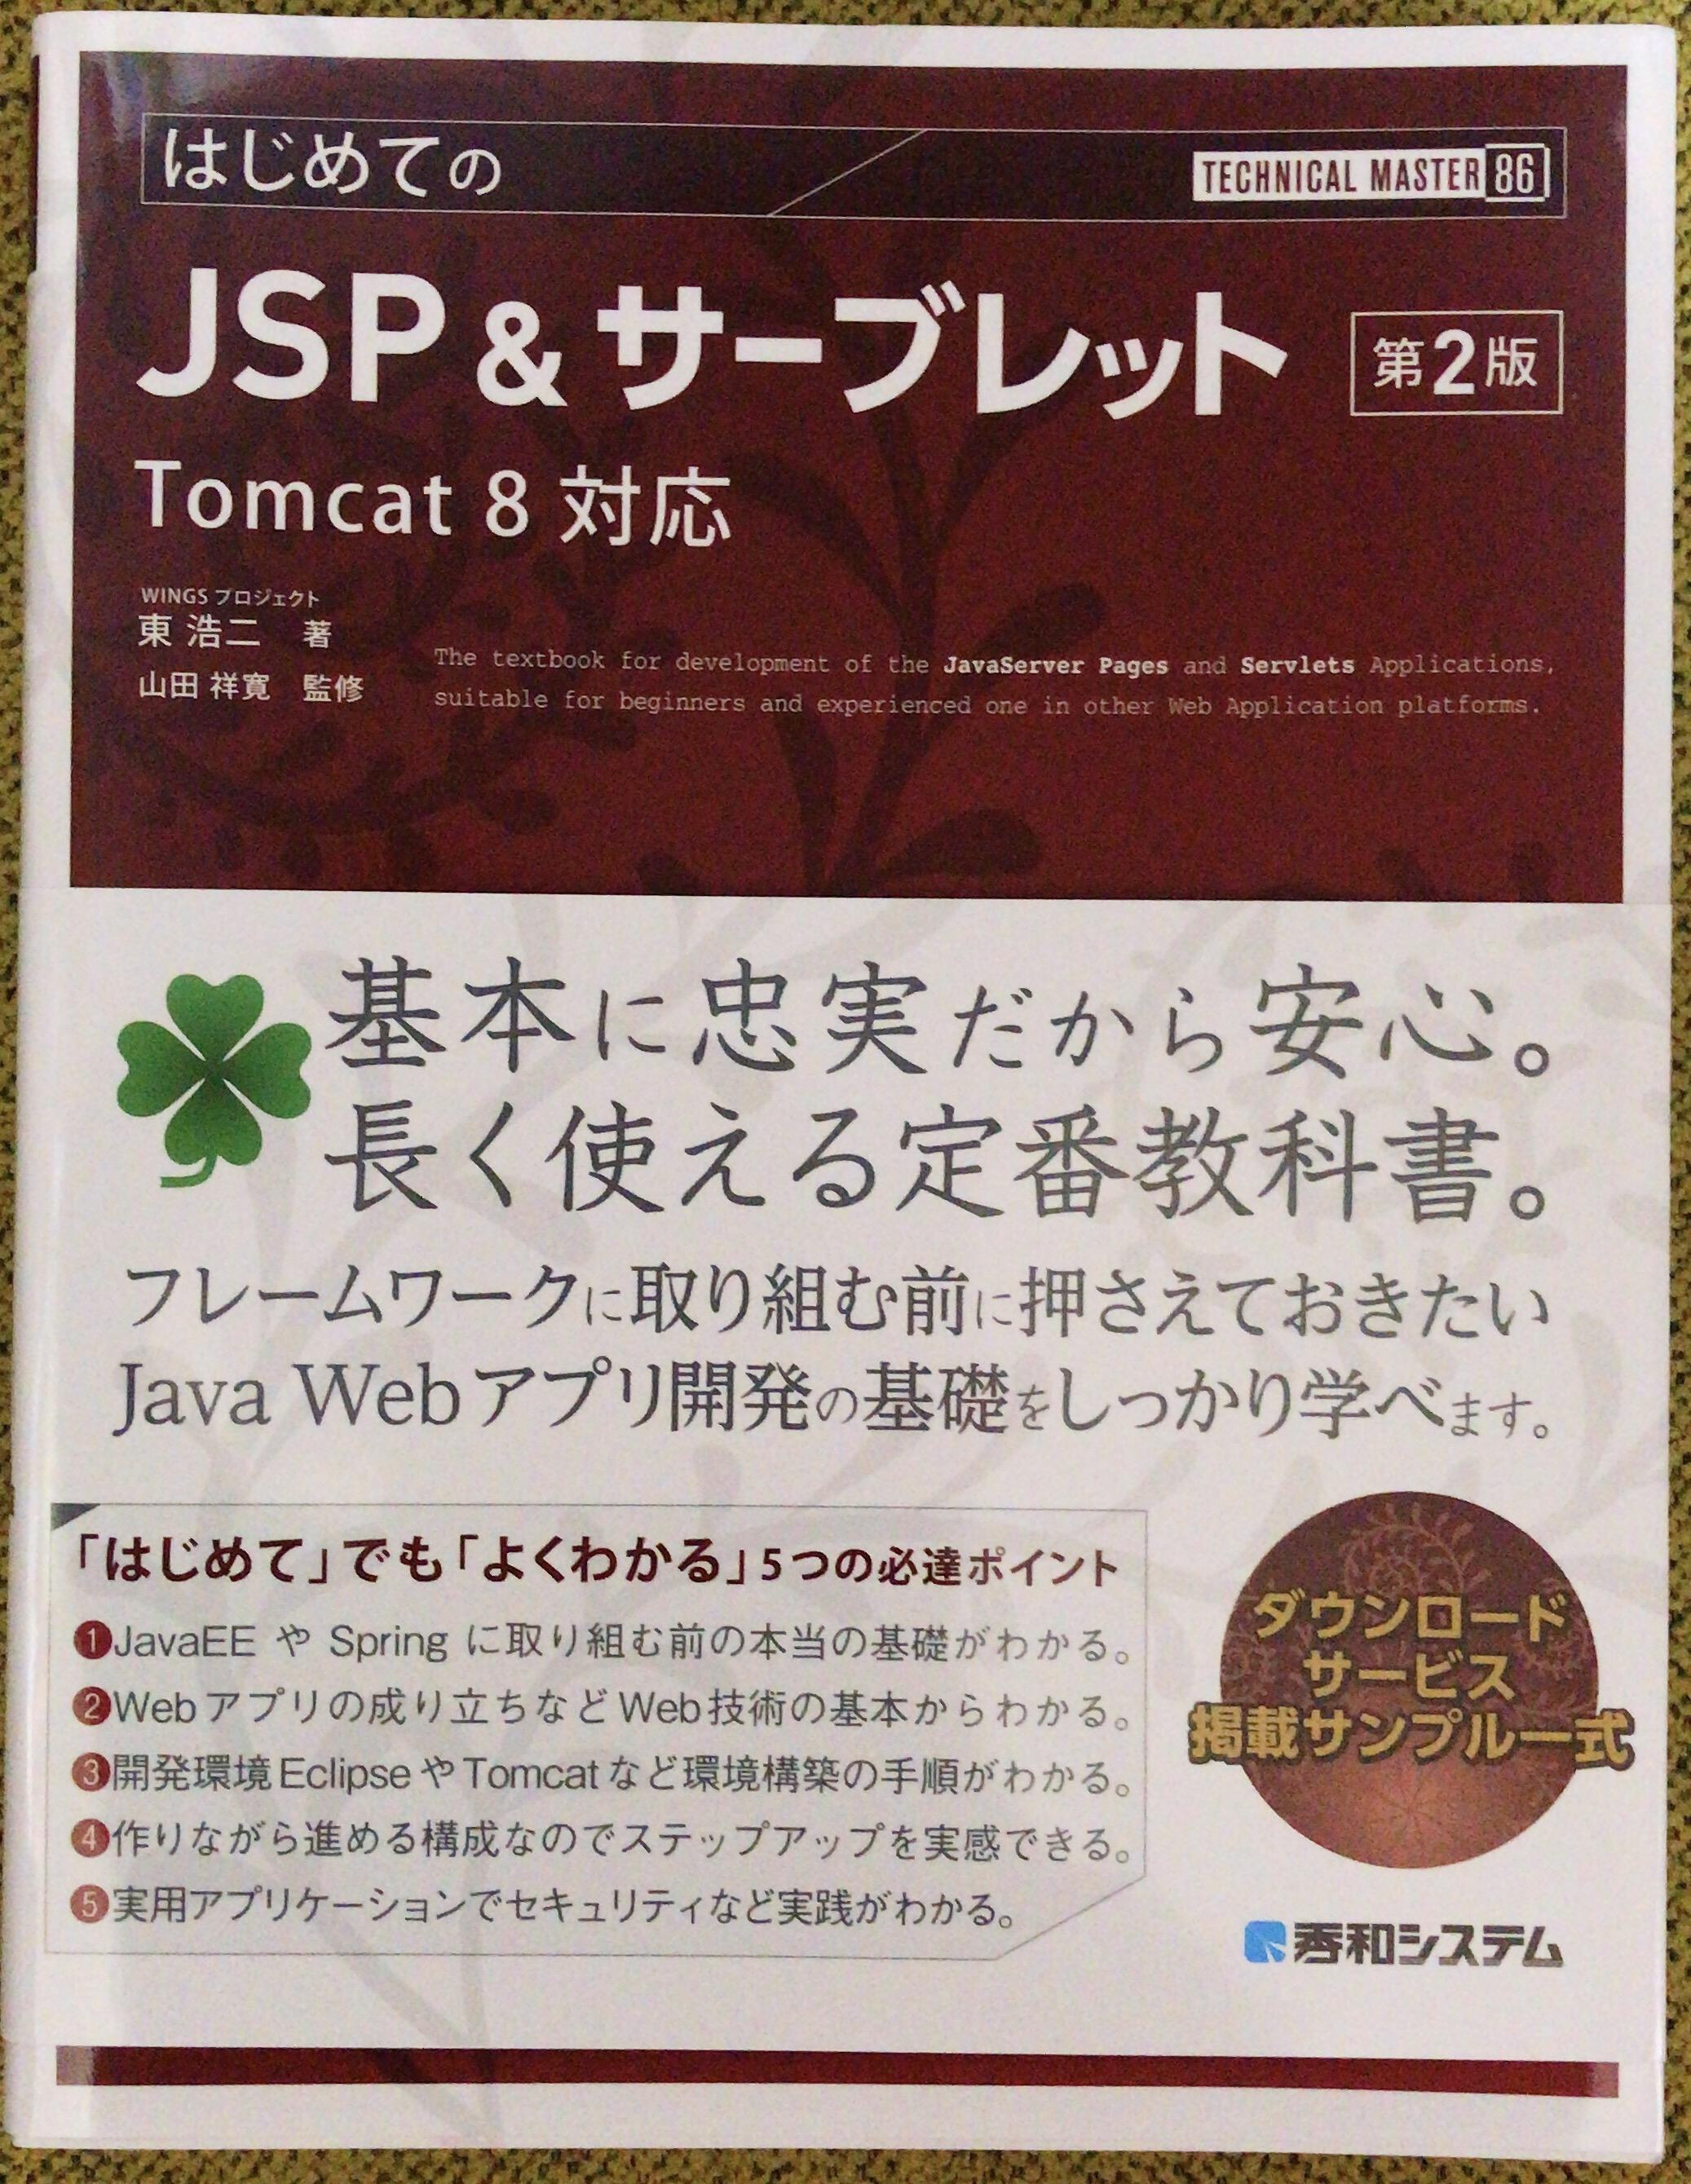 【書評】はじめてのJSP&サーブレット Tomcat8対応 第2版